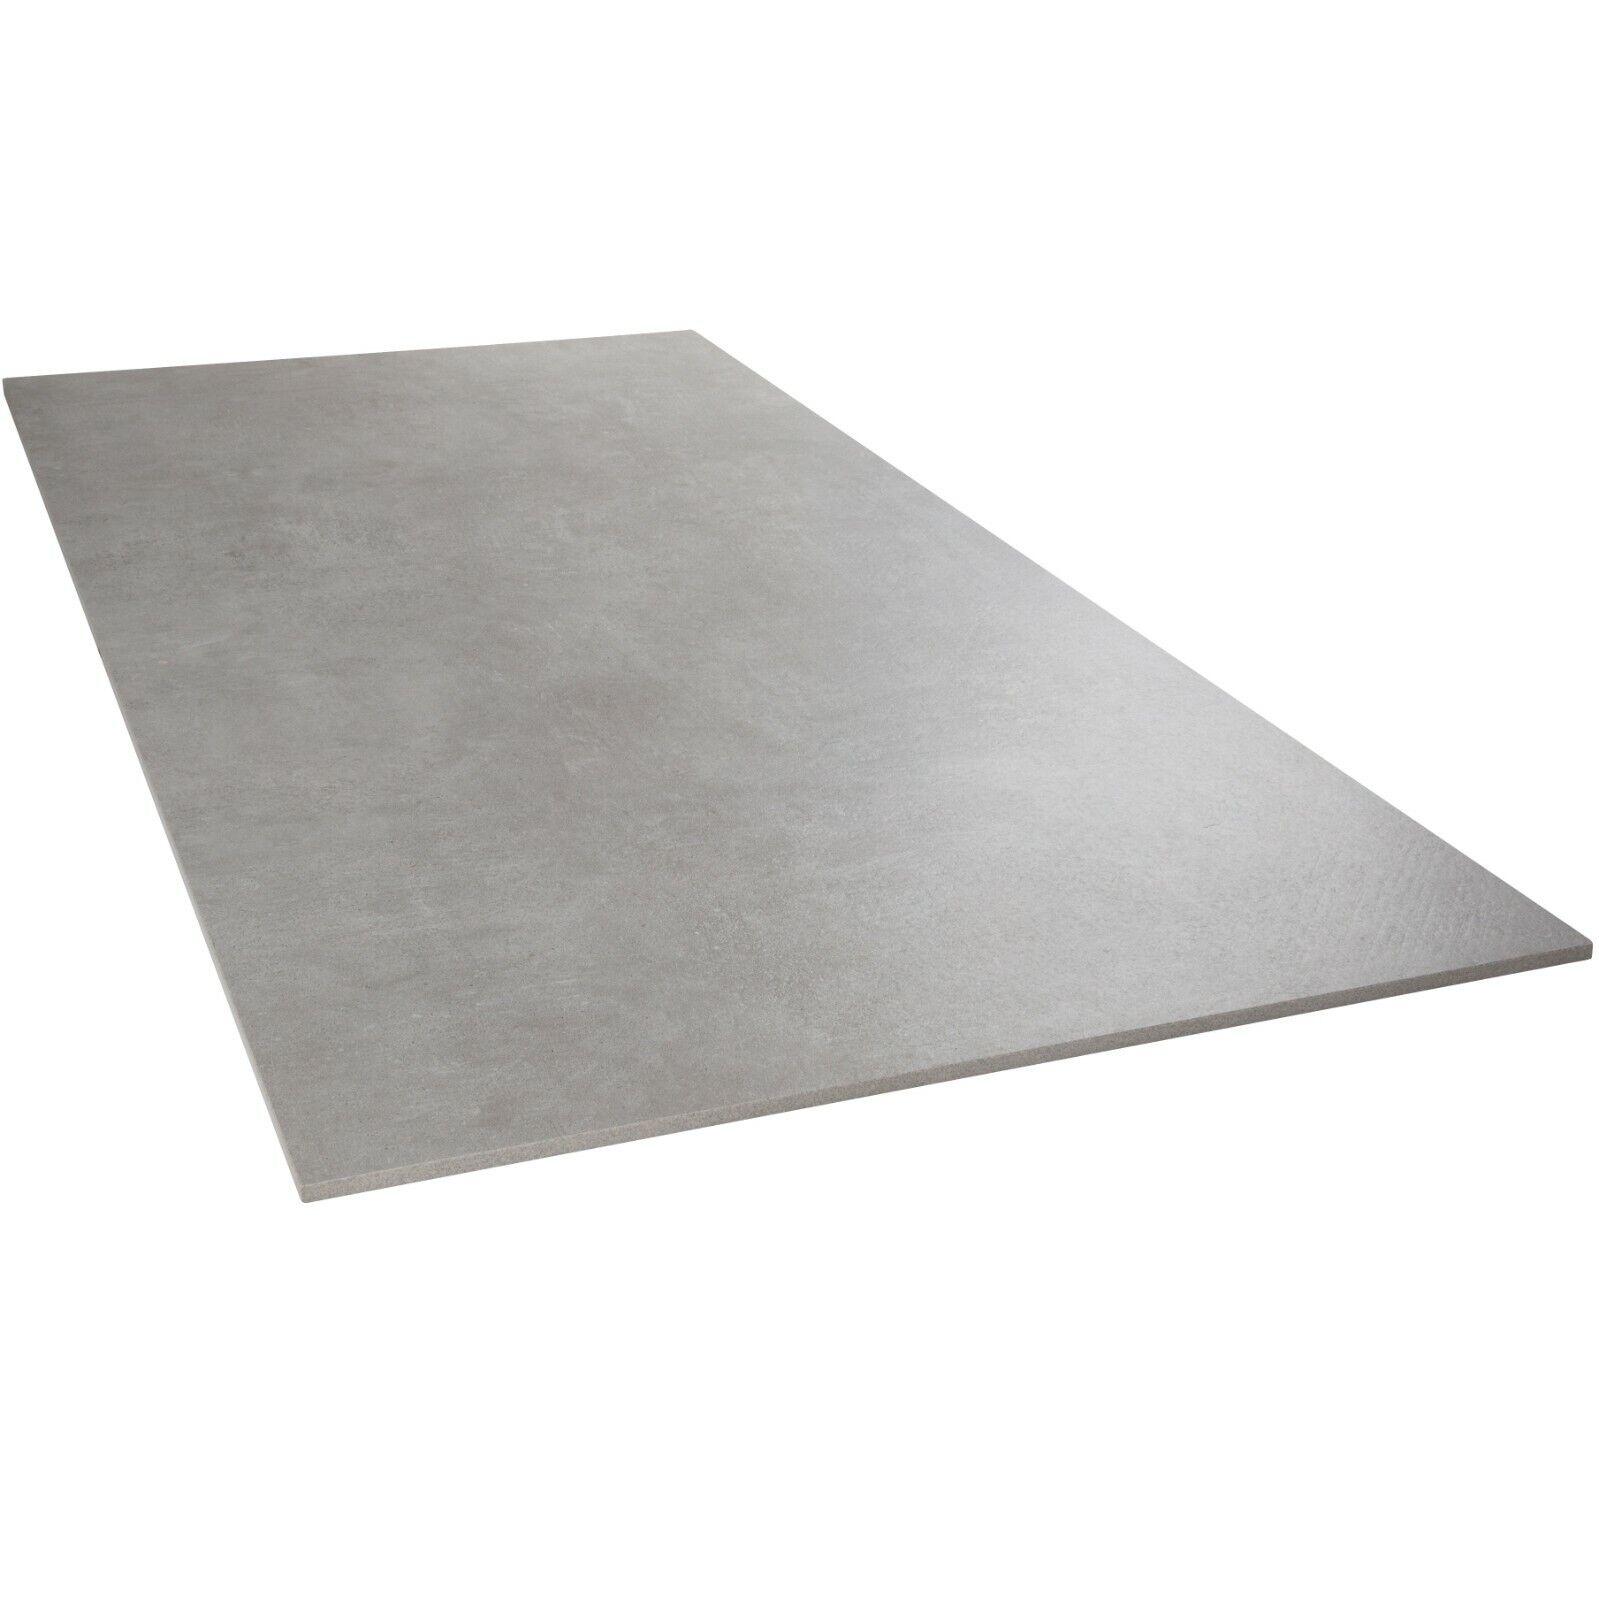 25,90€/ m² Arctec 60x120 cm Bodenfliese silver matt Betonoptik Feinsteinzeug 1.W